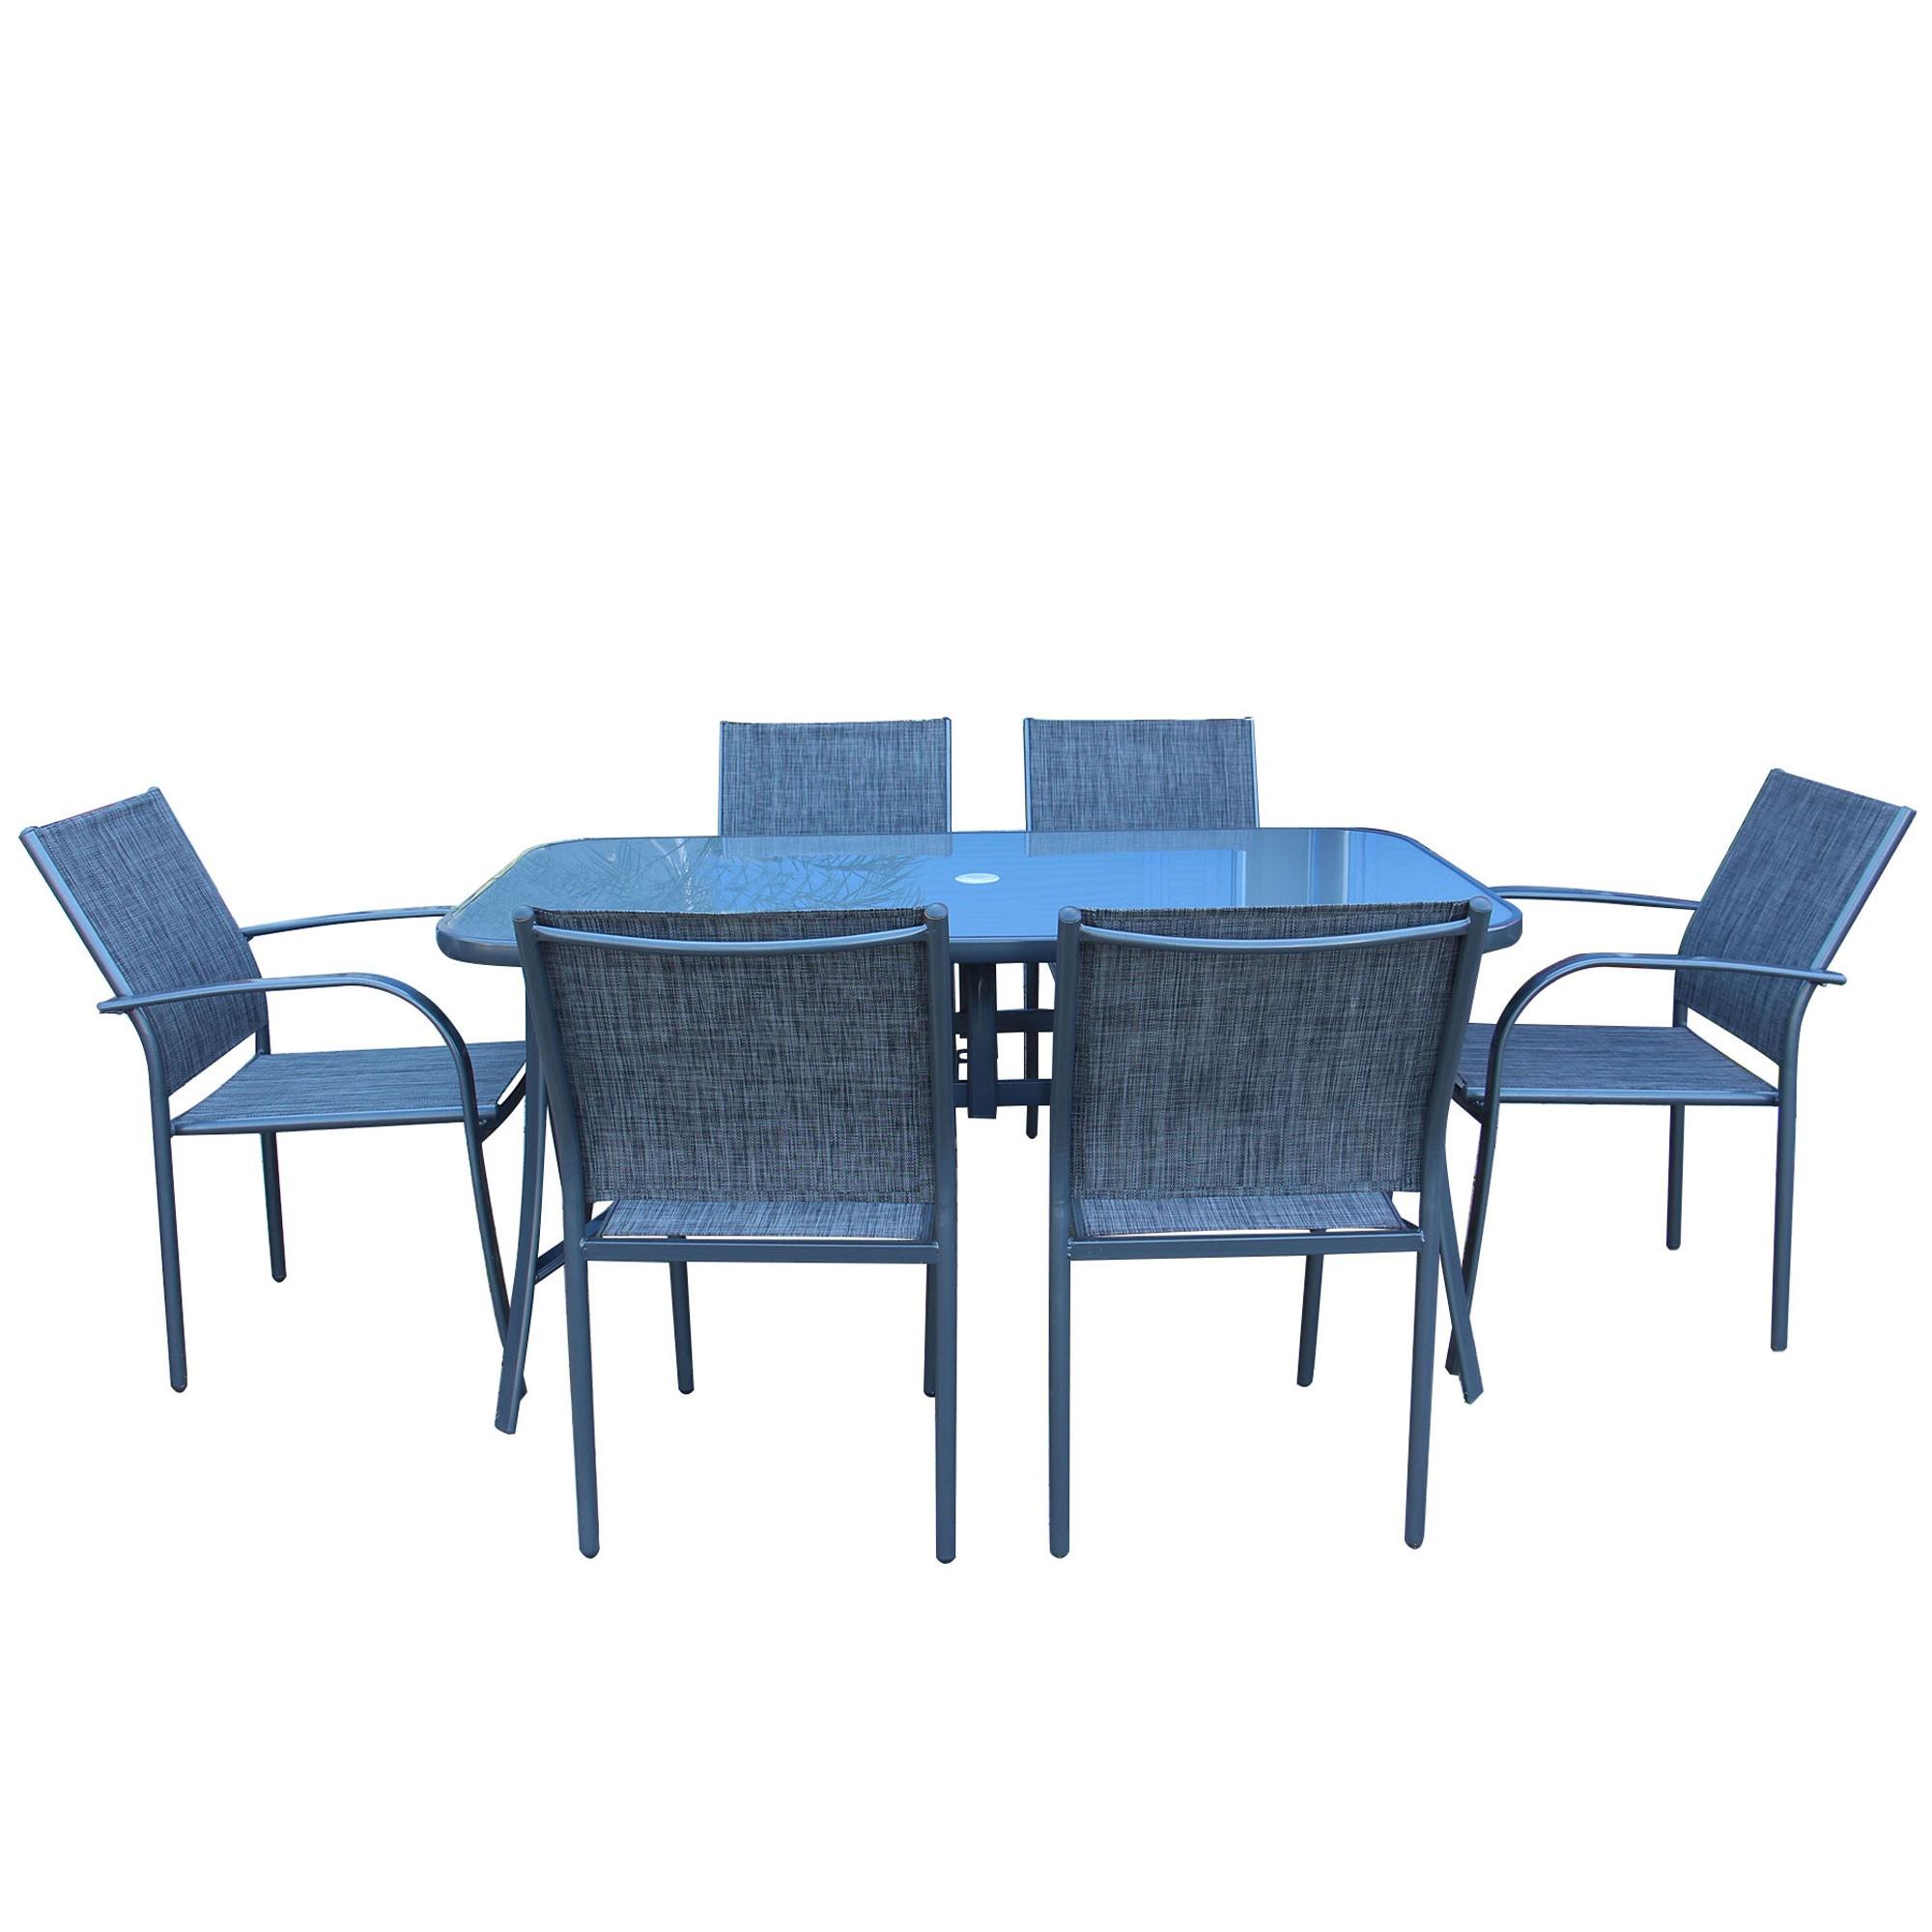 Dedeman set masa cu 6 scaune pentru gradina oslo spt 00066 for Masa cu scaune dedeman